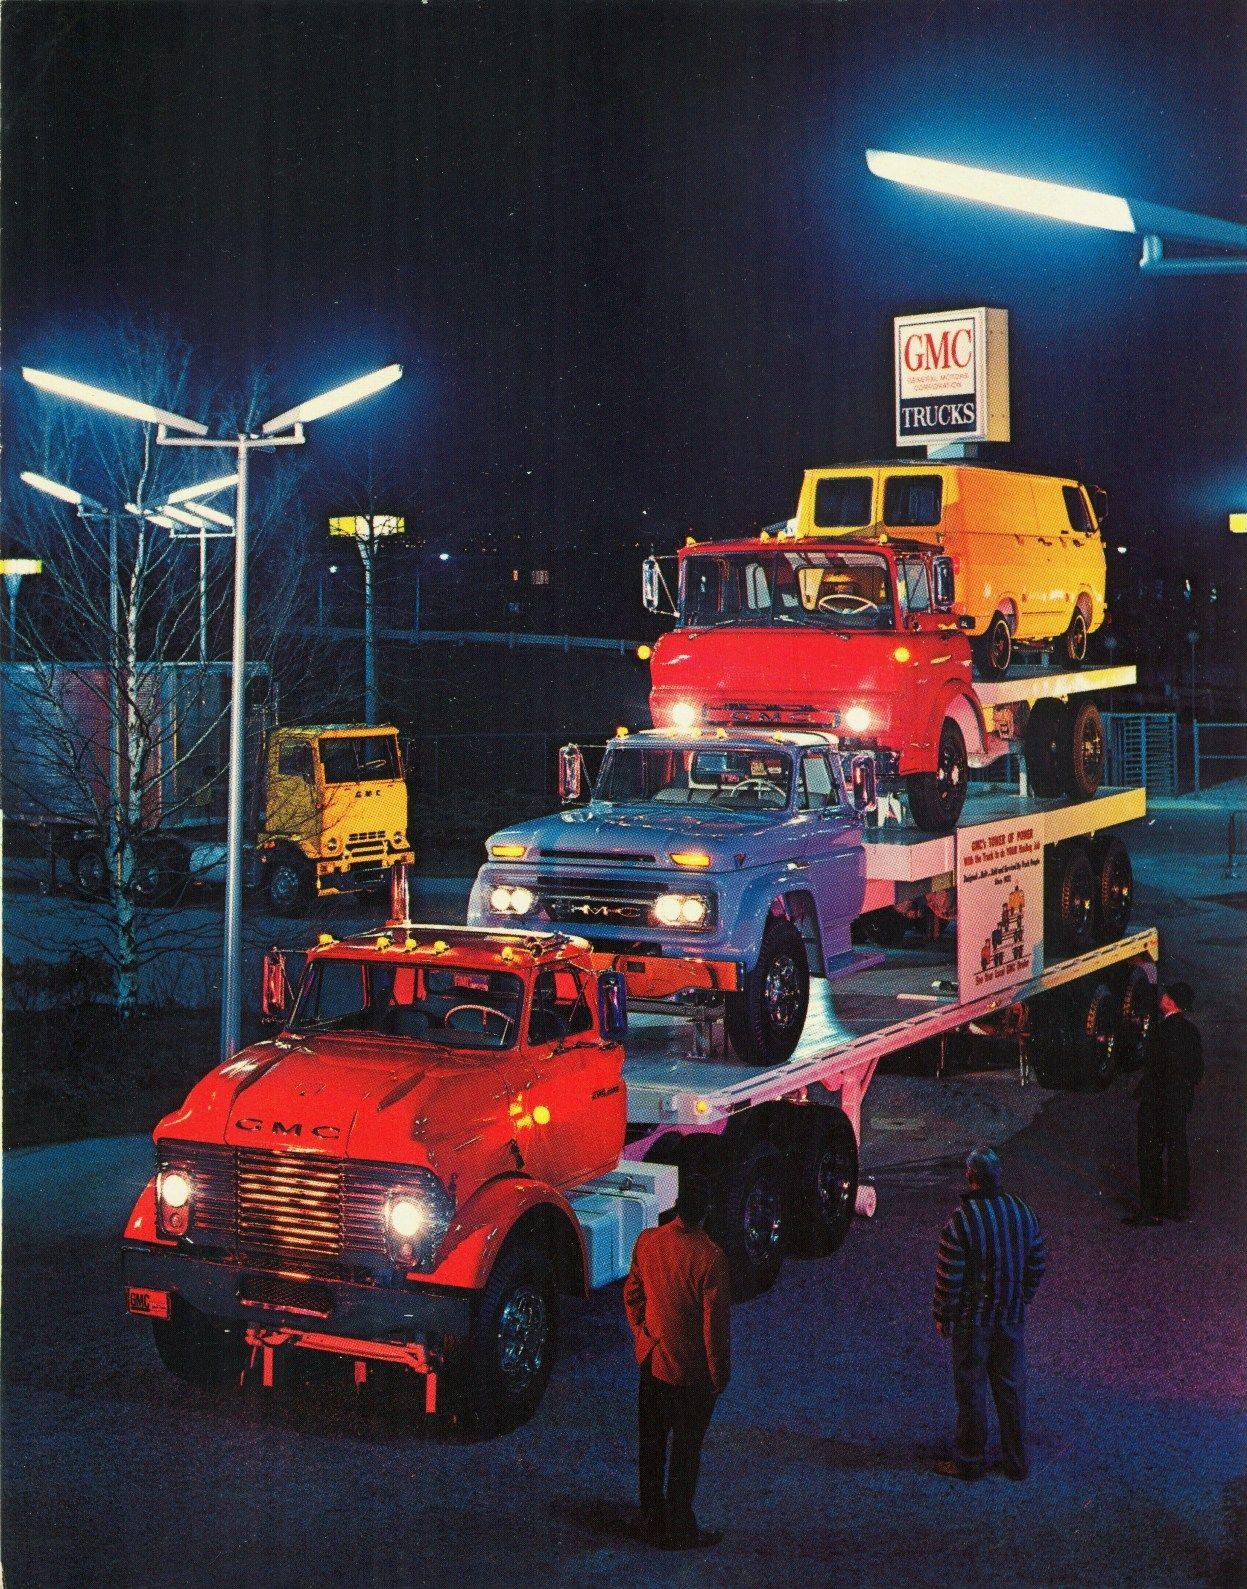 Todos Os Tamanhos 1964 Gmc Tower Of Power New York World S Fair Flickr Compartilhamento De Fotos Gmc Trucks Trucks Classic Chevy Trucks